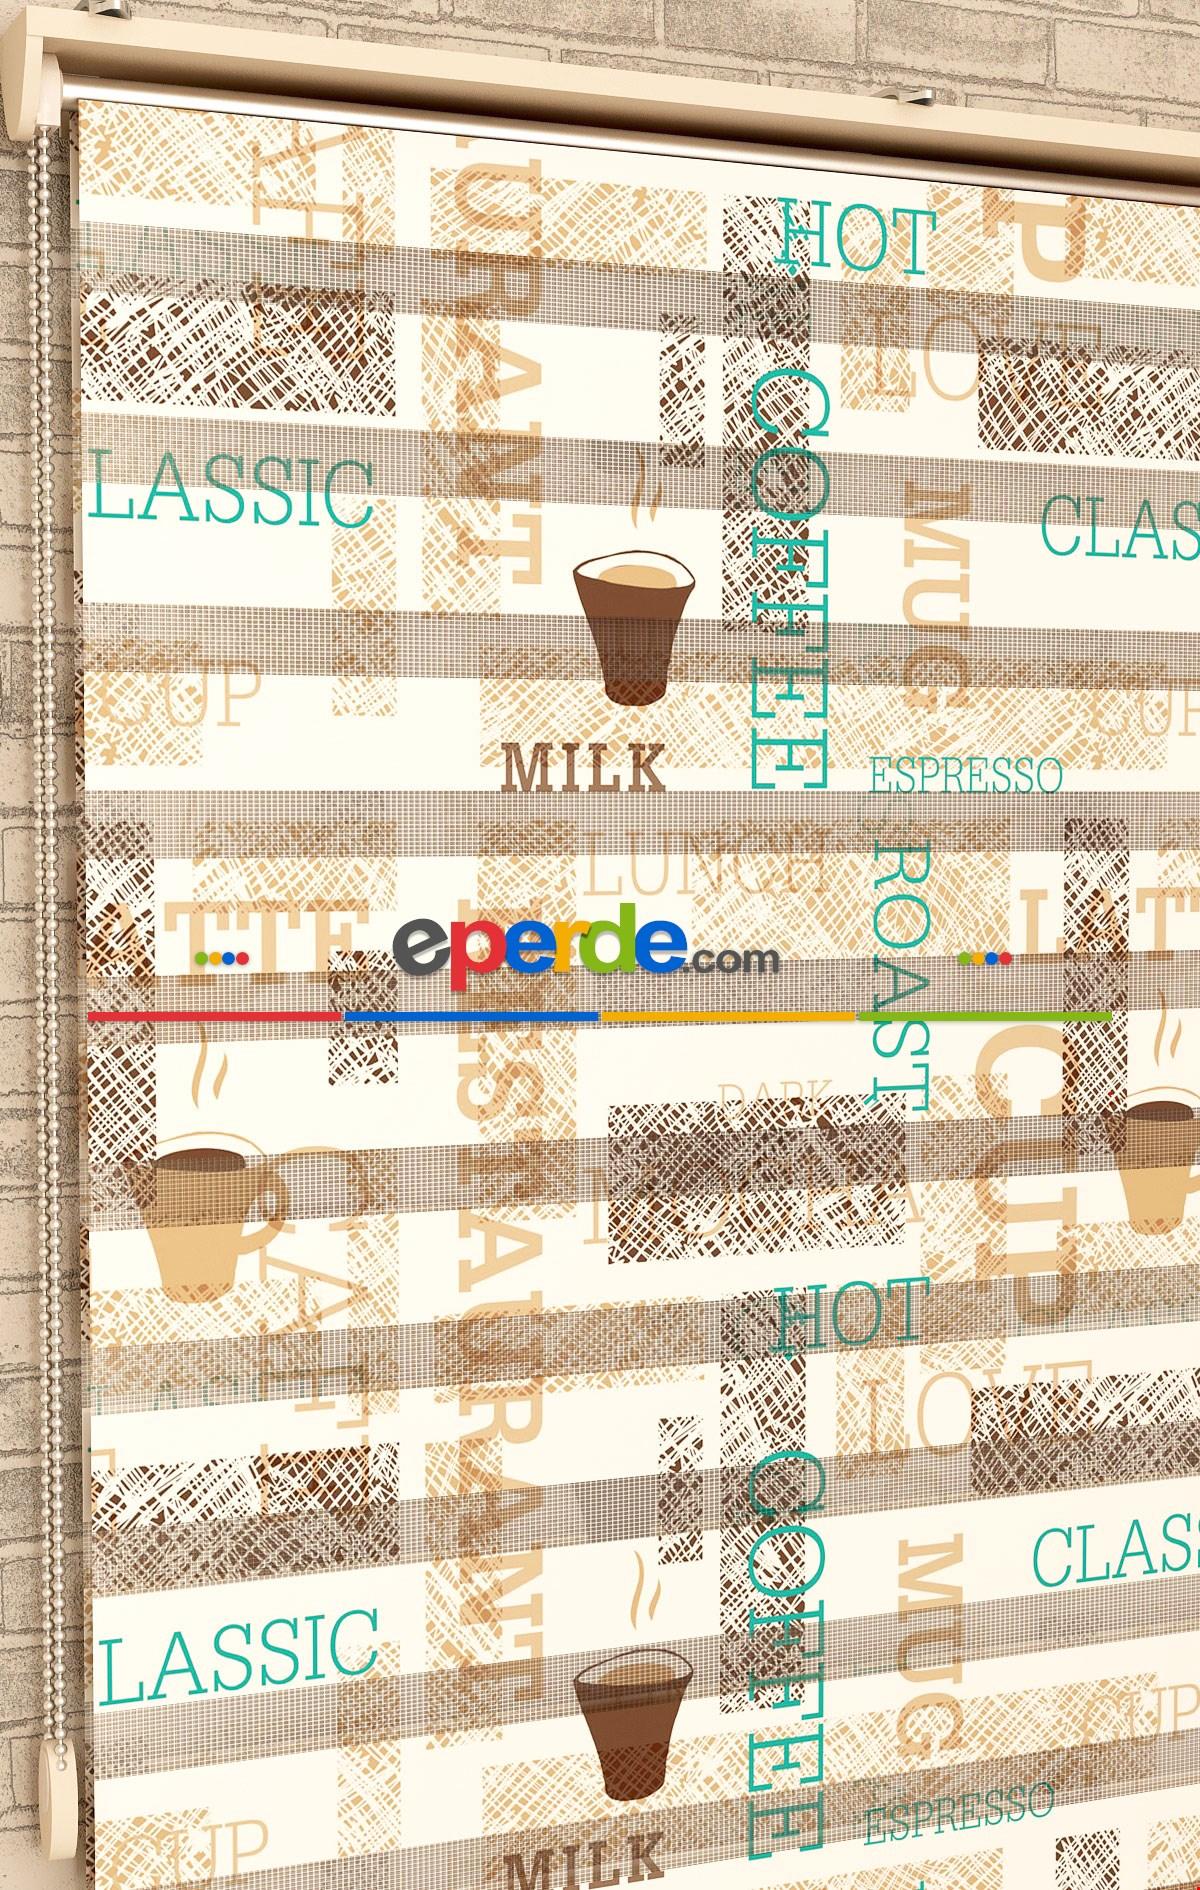 Espresso Desen - Baskılı Zebra Perde